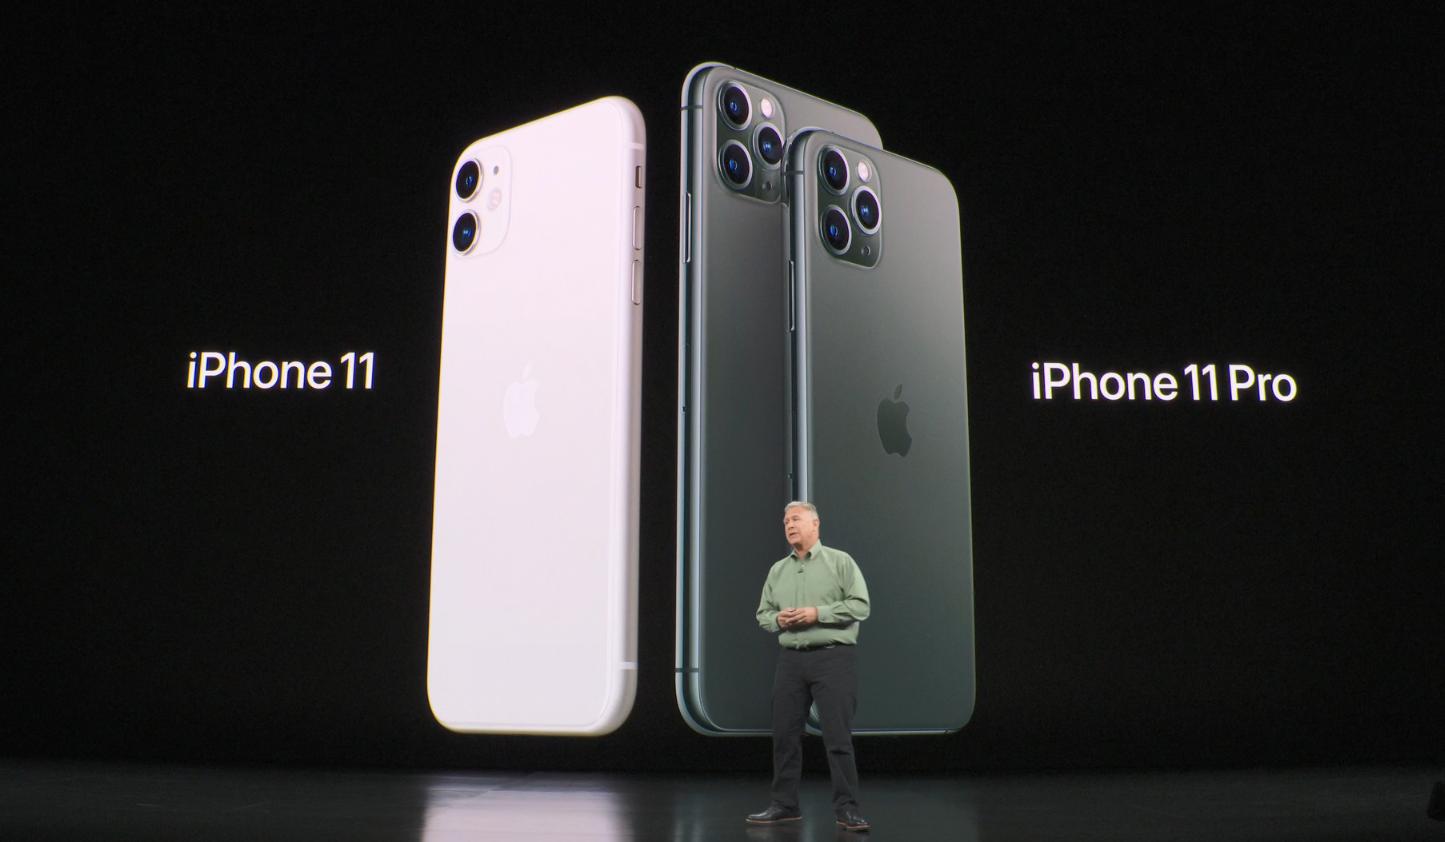 في المجموع ، Apple أطلقت ثلاثة فون جديدة. تم انتقاد الهواتف المحمولة على اليمين - iPhone 11 Pro و 11 Pro Max - لإثارة الناس خوفًا من الثقوب الصغيرة